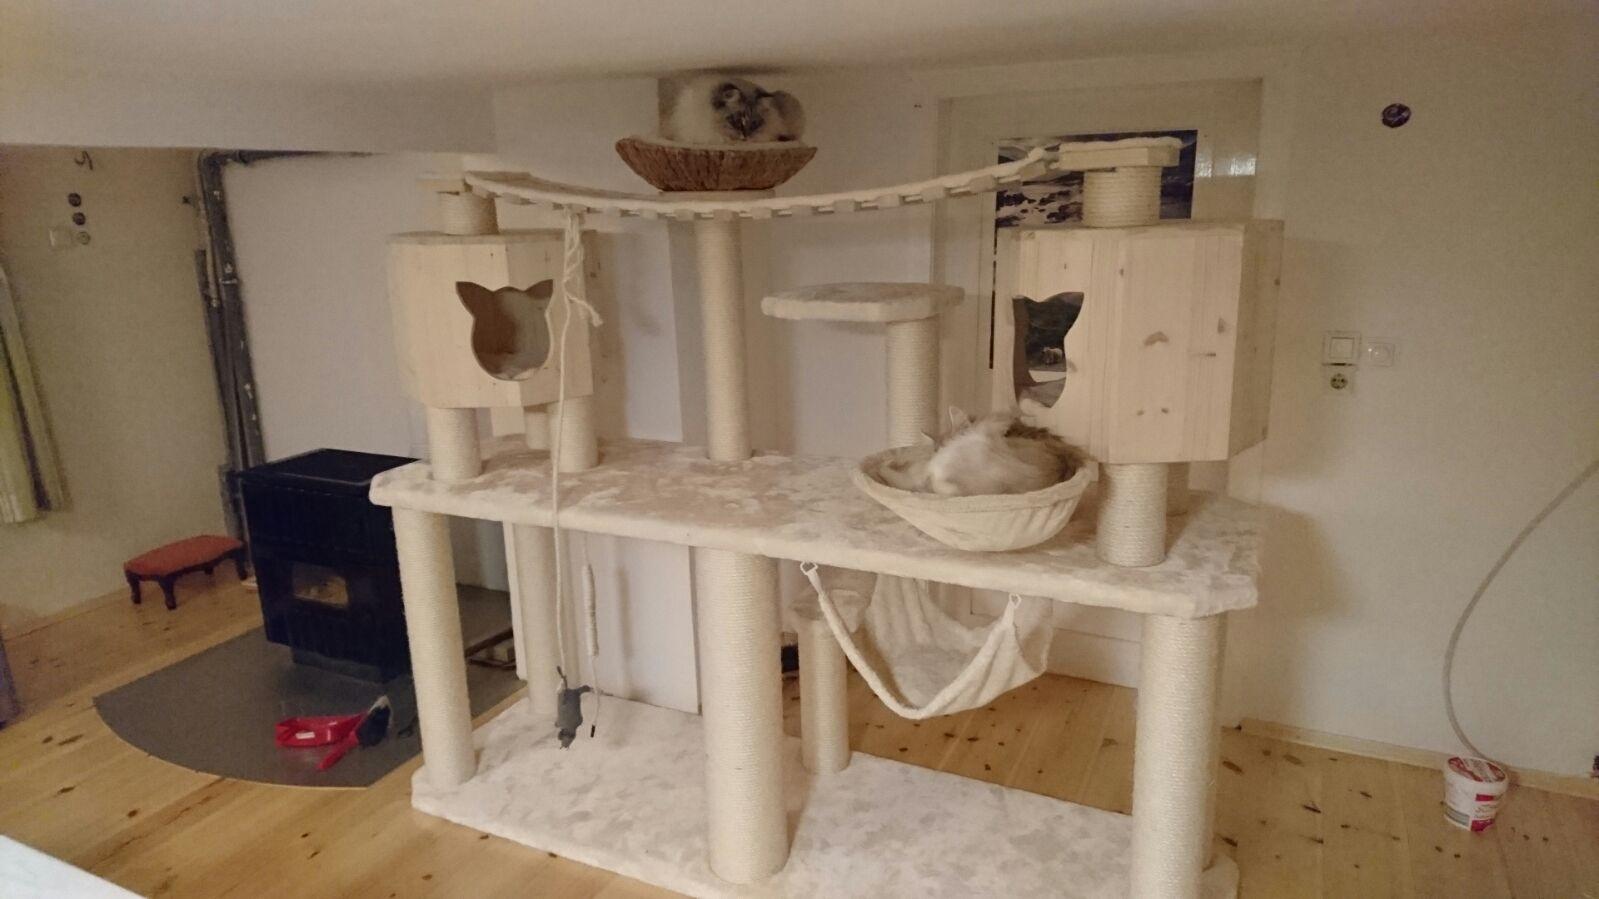 kratzbaum konfigurieren bester kratzbaum test vergleich alle infos kratzbaum nach kundenwunsch. Black Bedroom Furniture Sets. Home Design Ideas